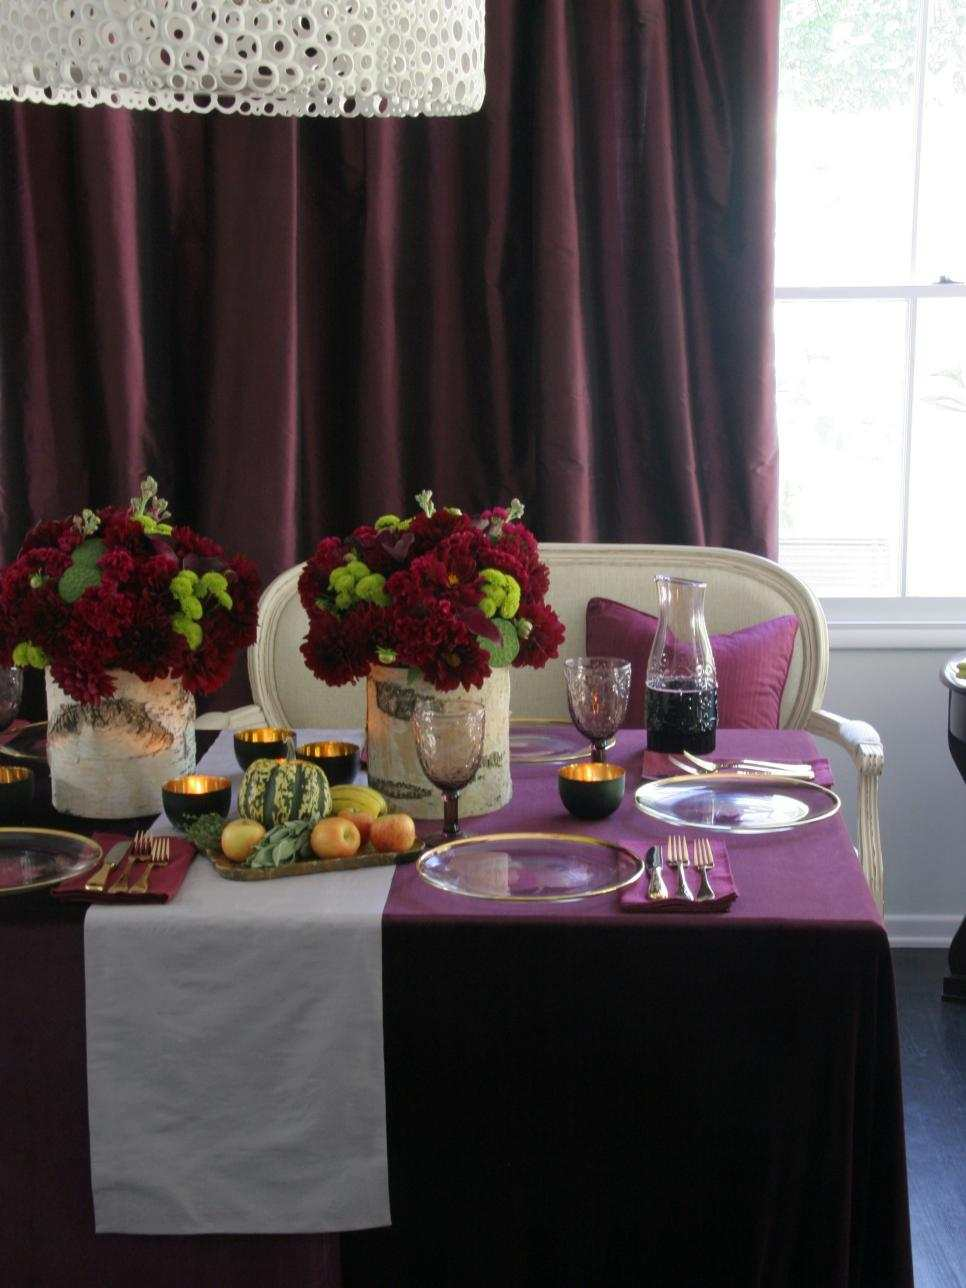 centro mesa ideas calabazas manzanas flores rojas preciosas moderno